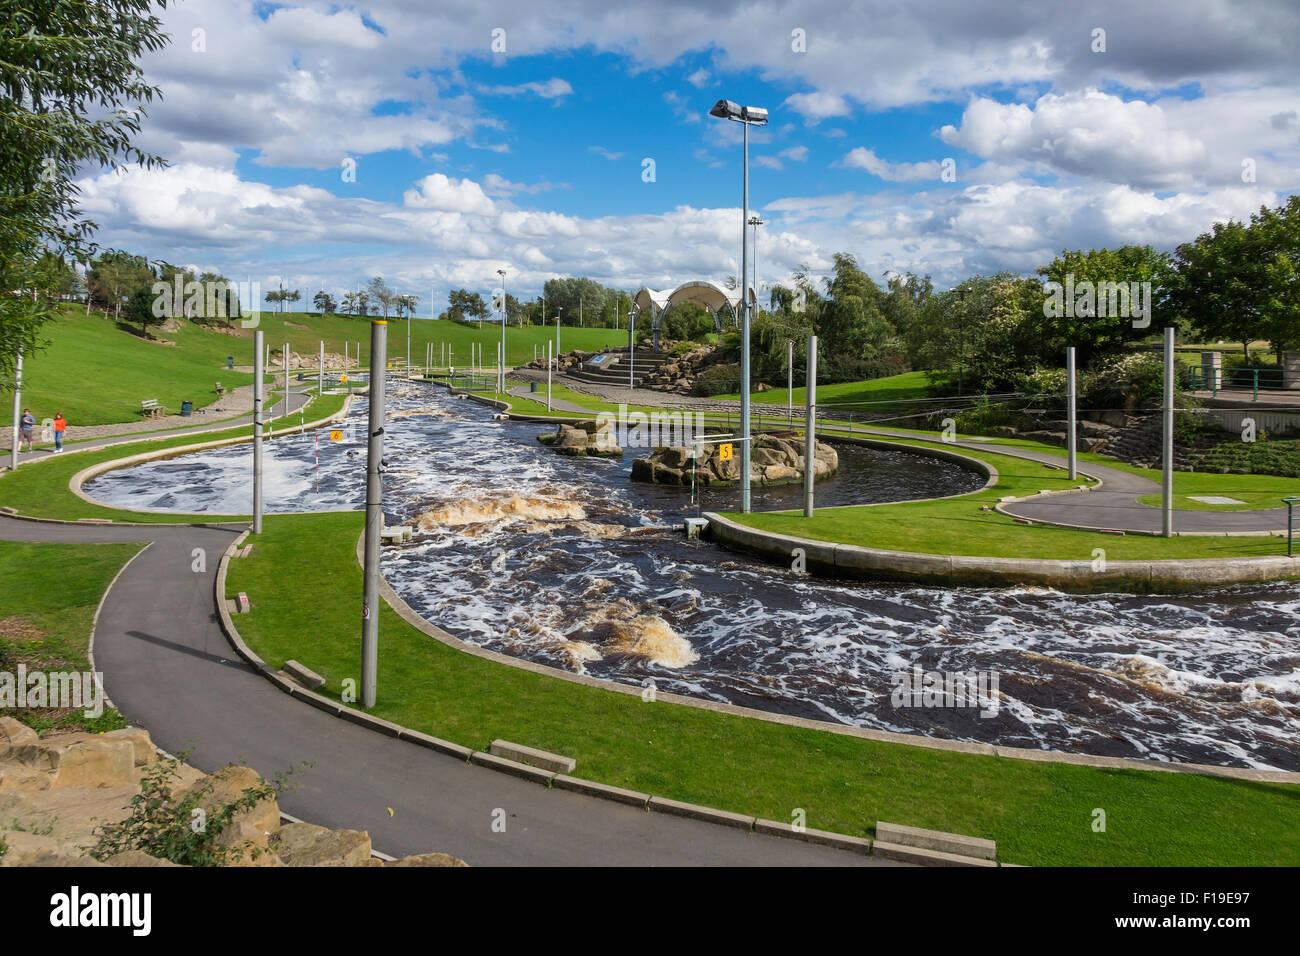 La andanada en el río Tees mantiene el agua a un nivel constante aguas arriba permitiendo volver desarrollo Imagen De Stock